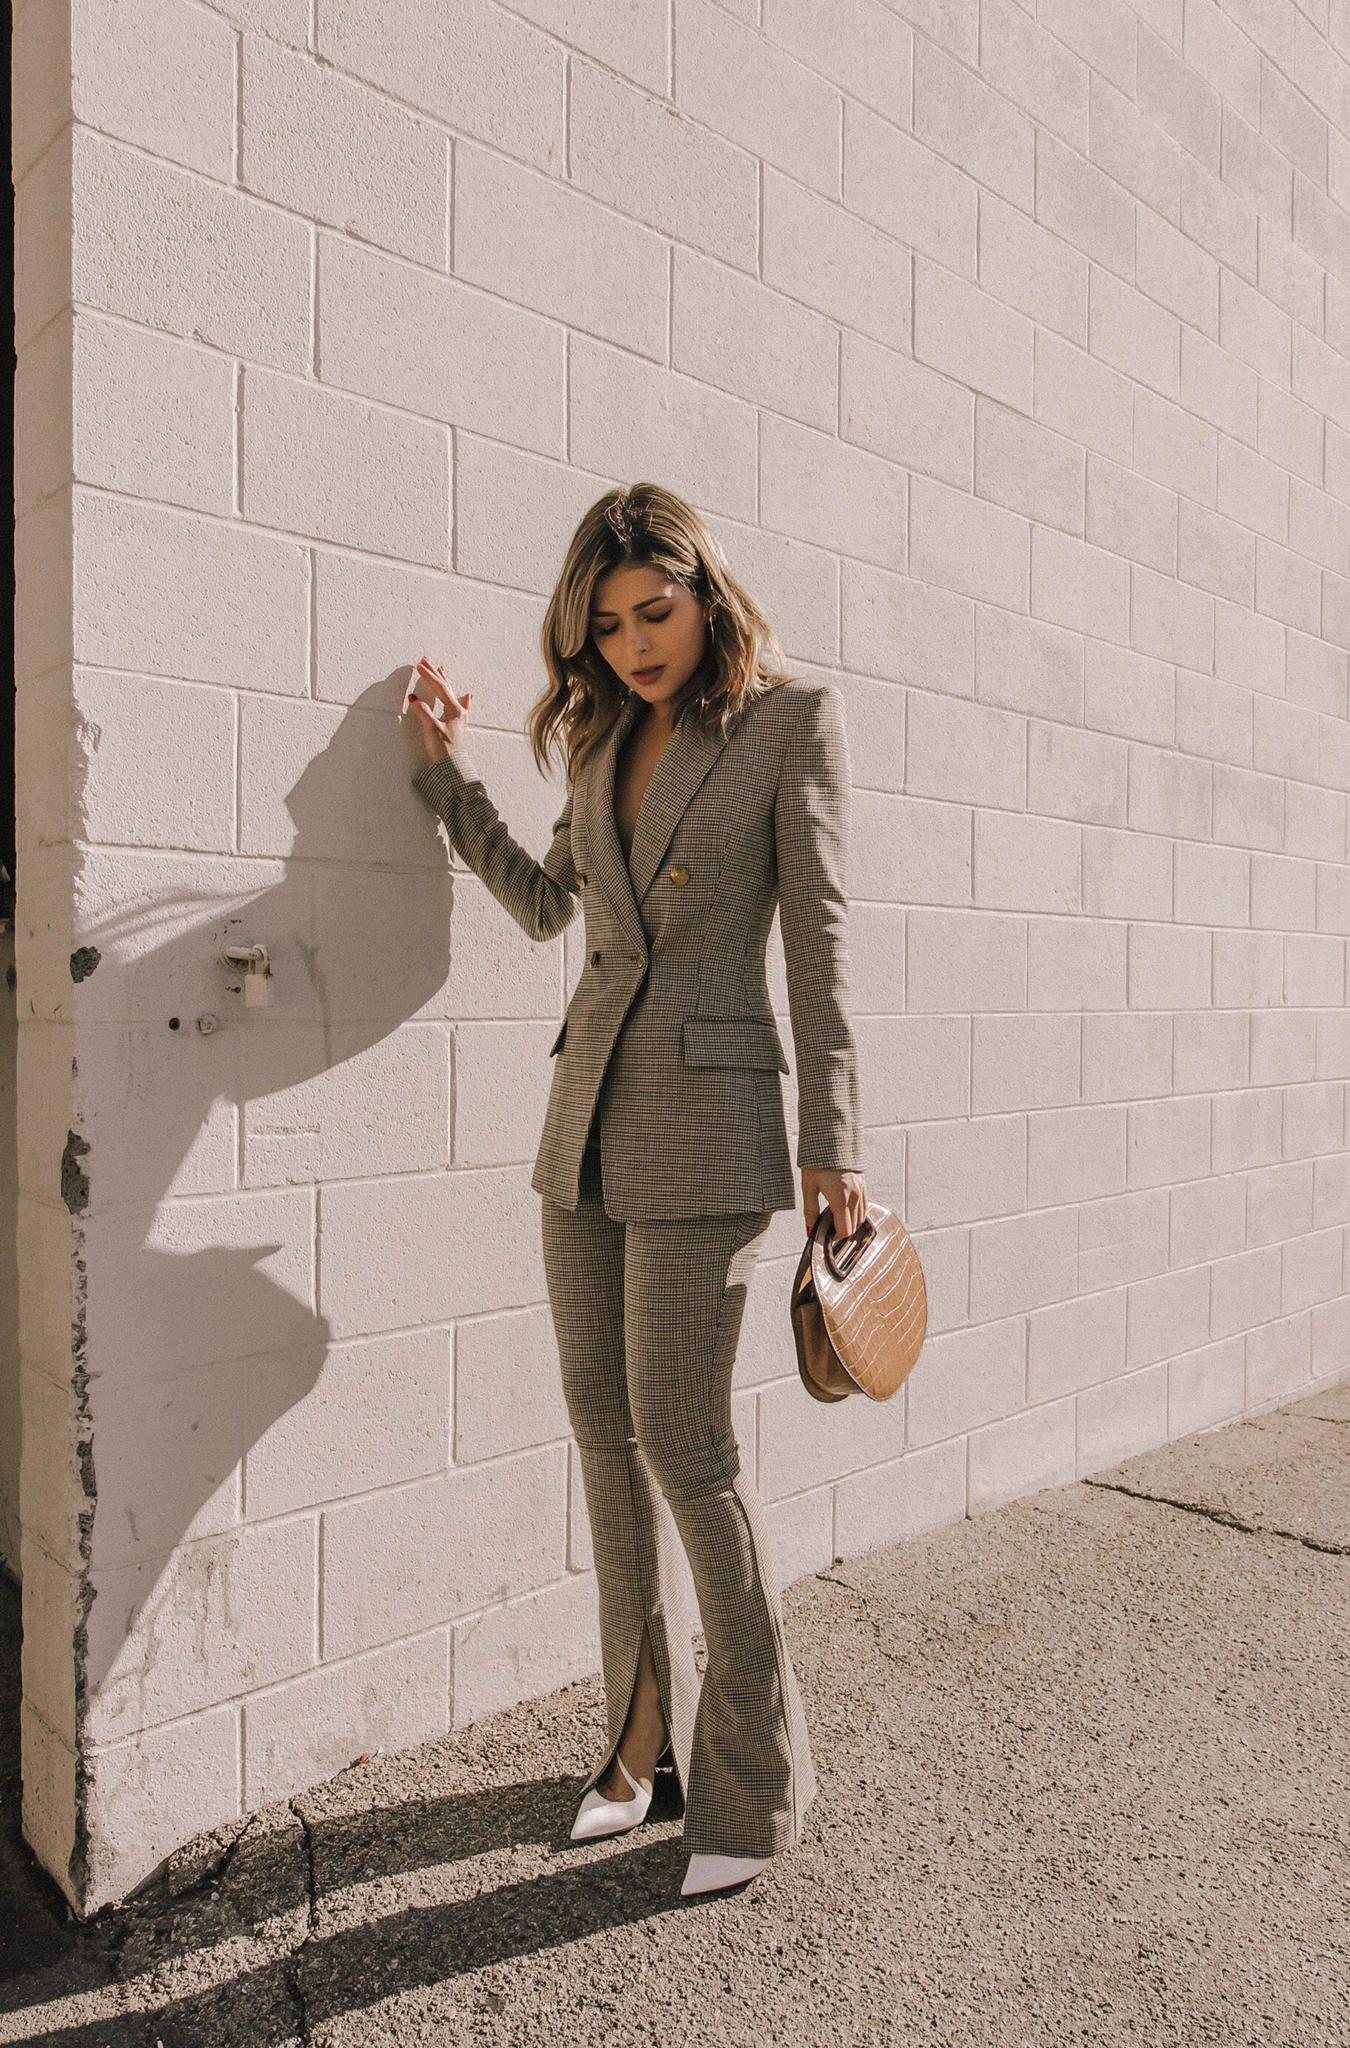 Les 10 marques de mode qui m'ont obsédé – La fille du Panama   – Suite